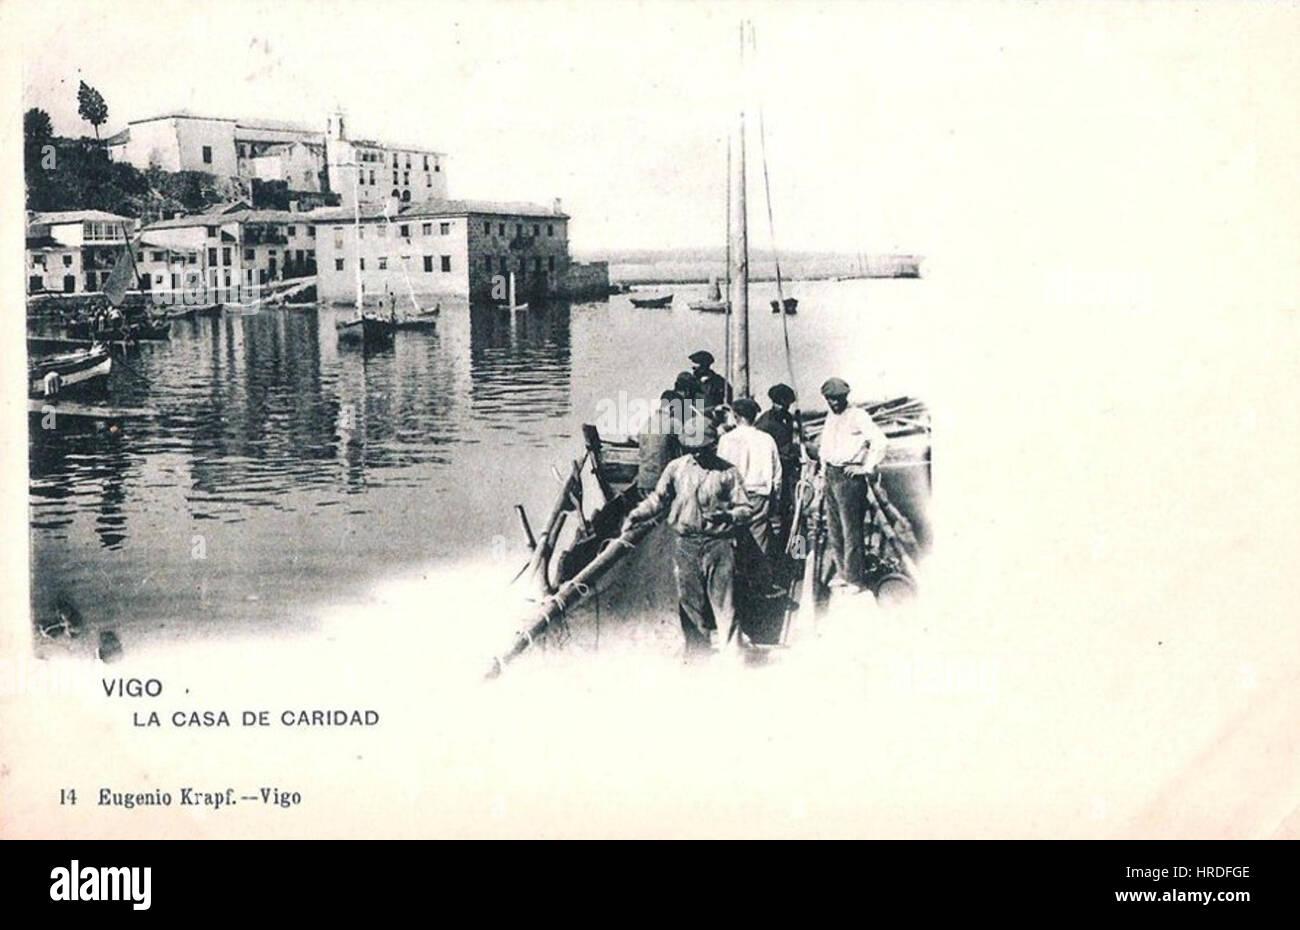 Vigo, LA CASA DE CARIDAD, Eugenio Krapf - Stock Image